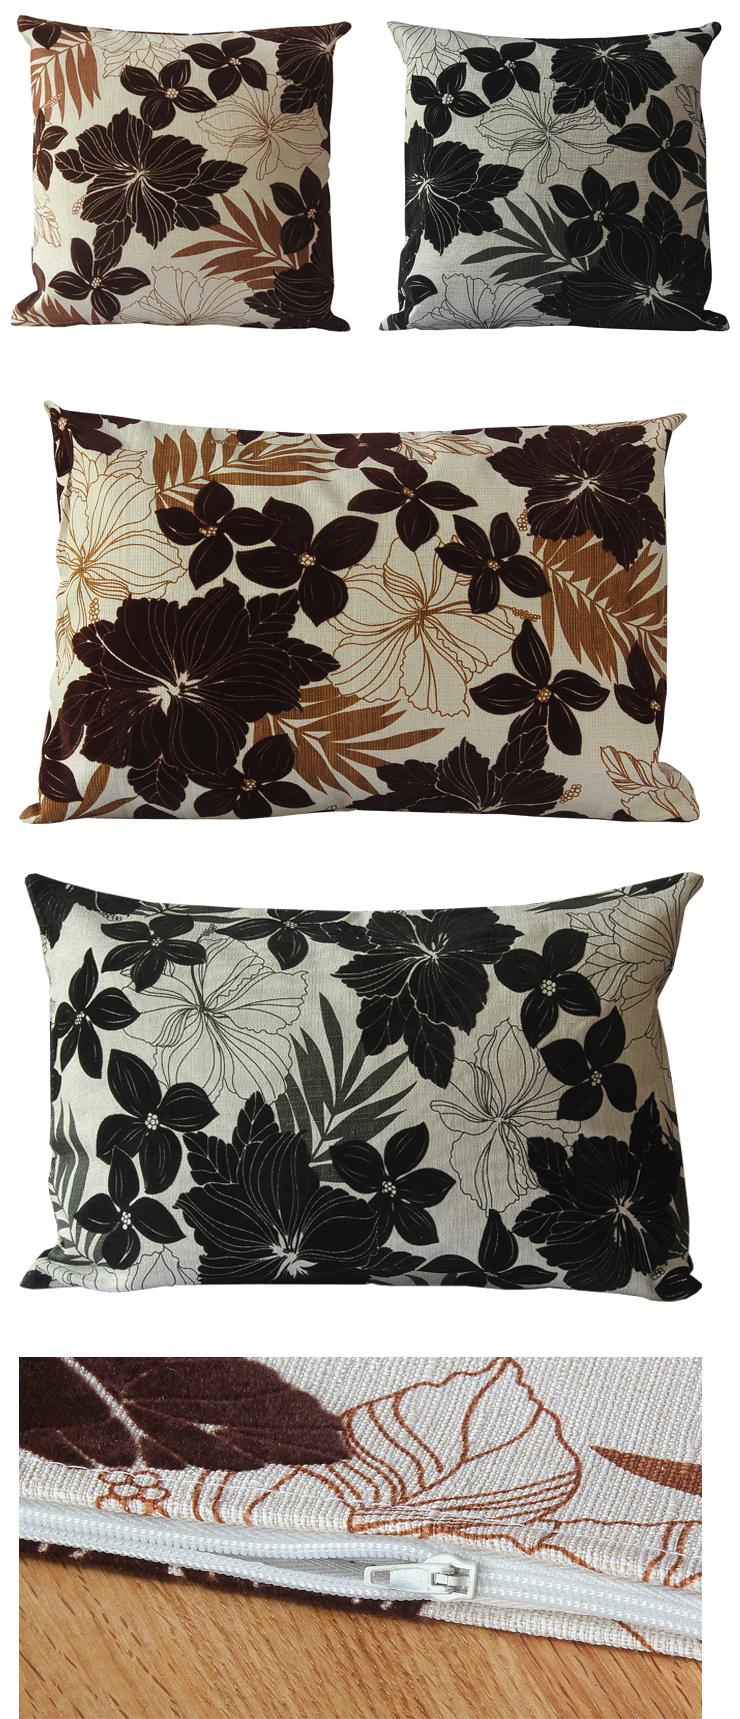 sch ne kissenh lle blumen filz 40 x 40 und 40 x 60 cm kissenbezug sofakissen ebay. Black Bedroom Furniture Sets. Home Design Ideas